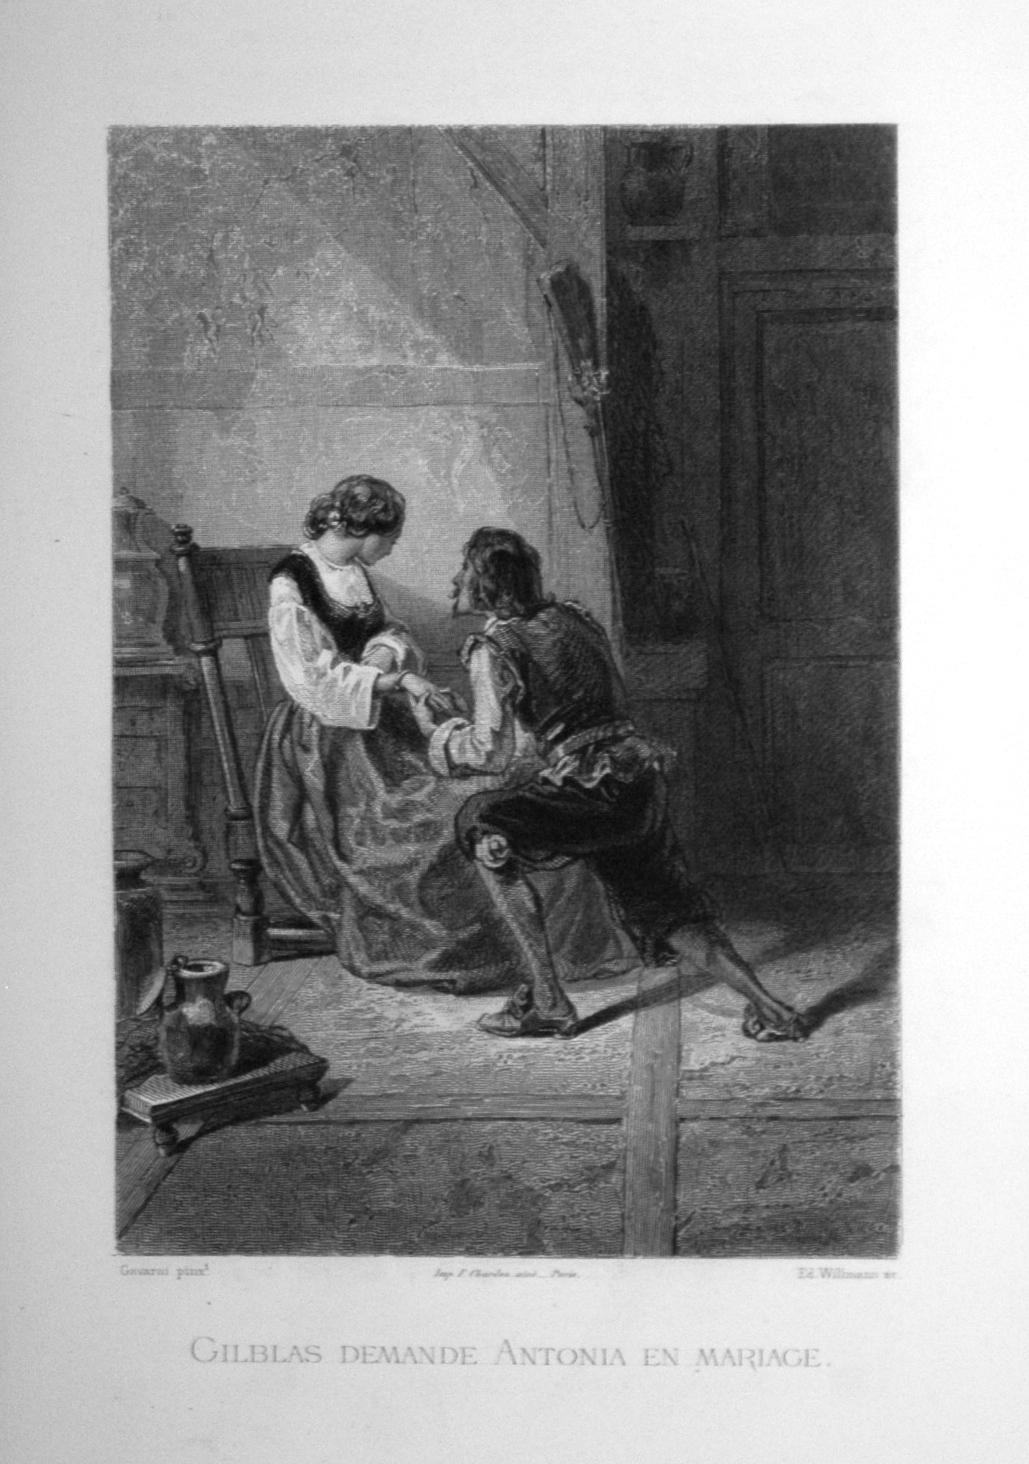 Gilblas demande Antonia en mariage.